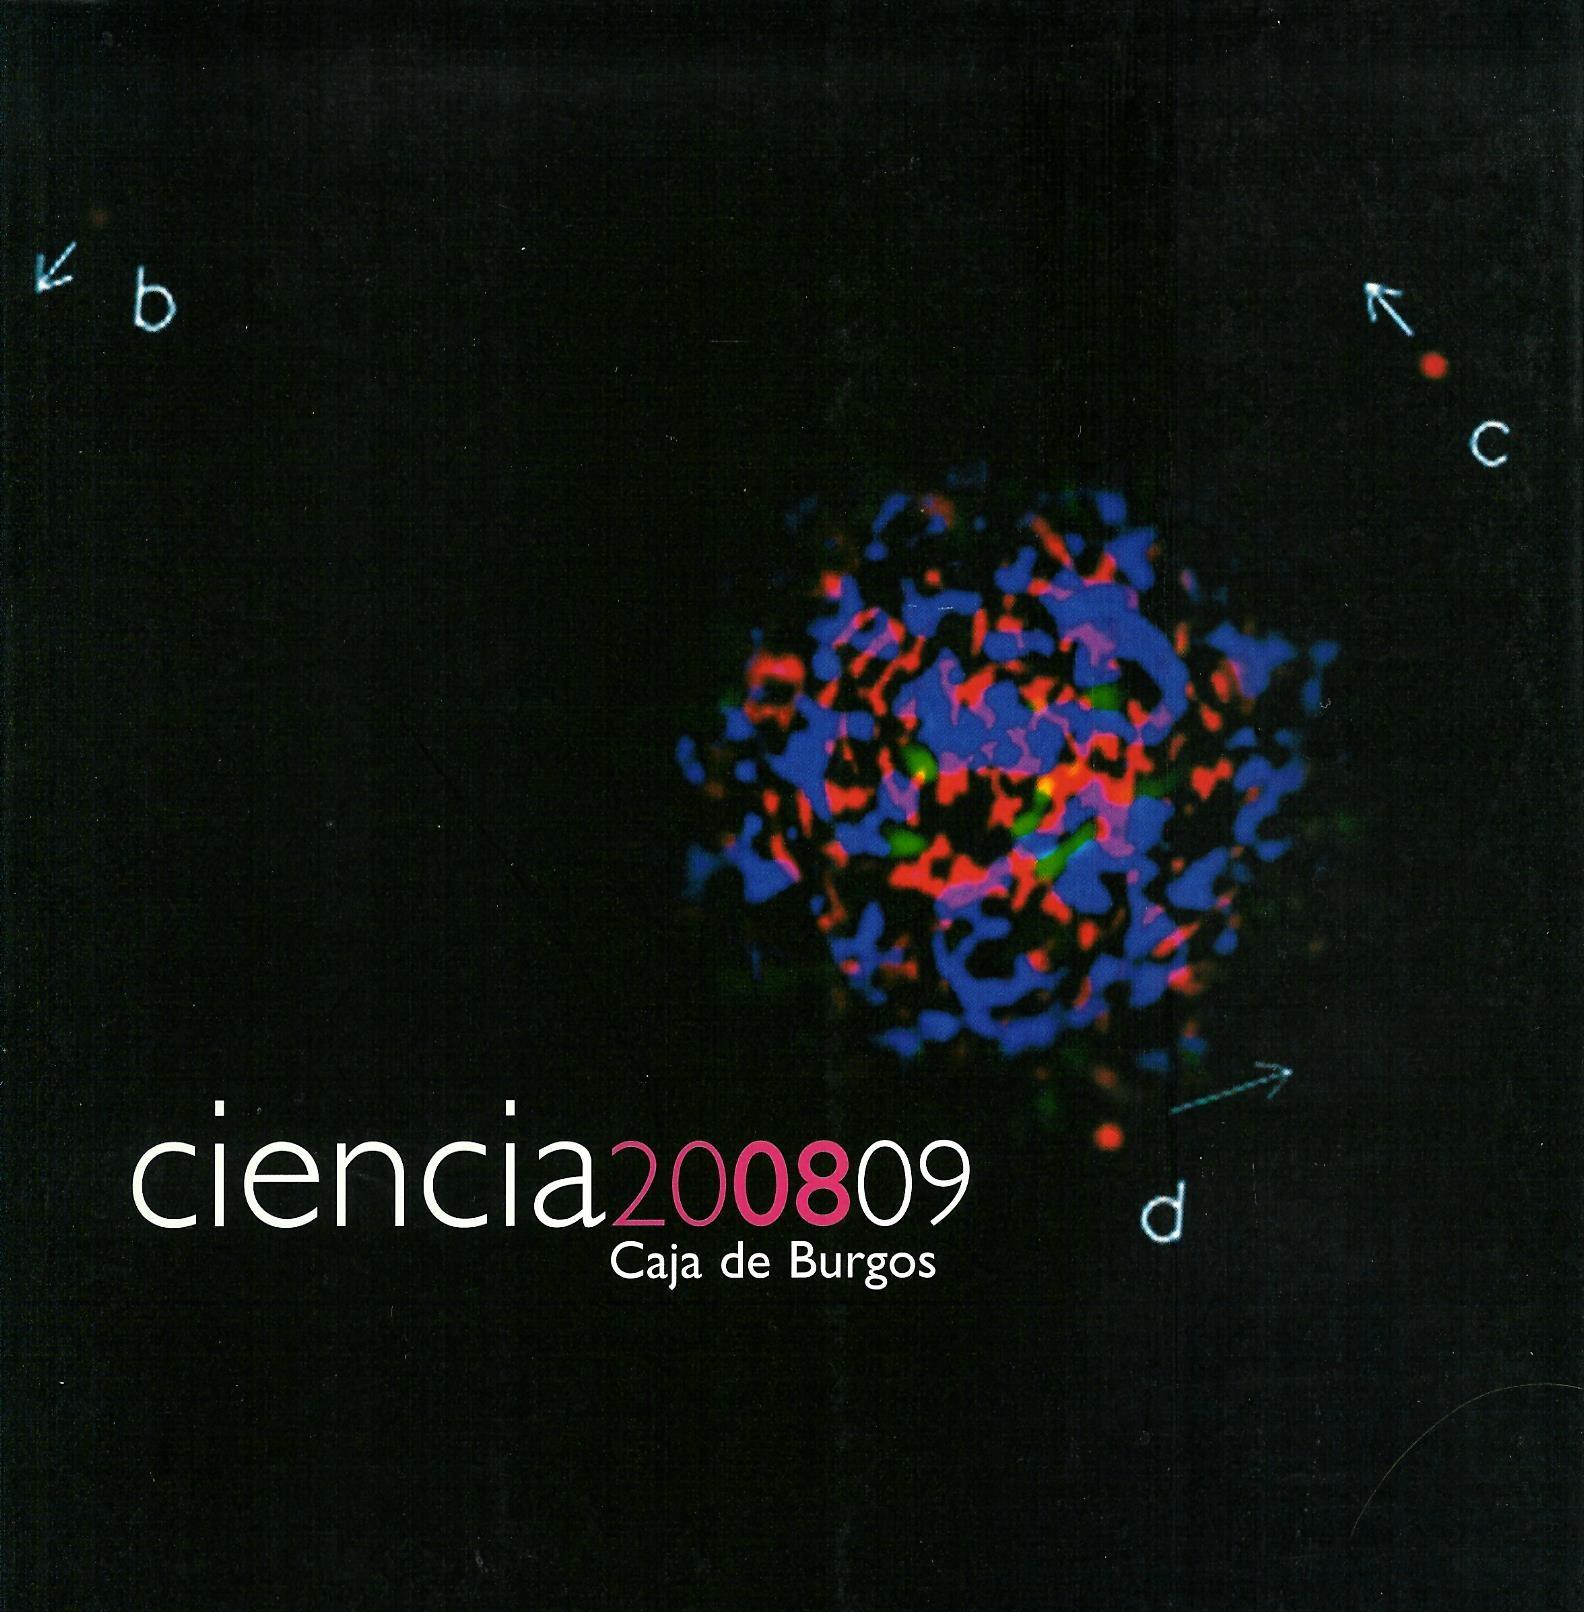 Ciencia 200809